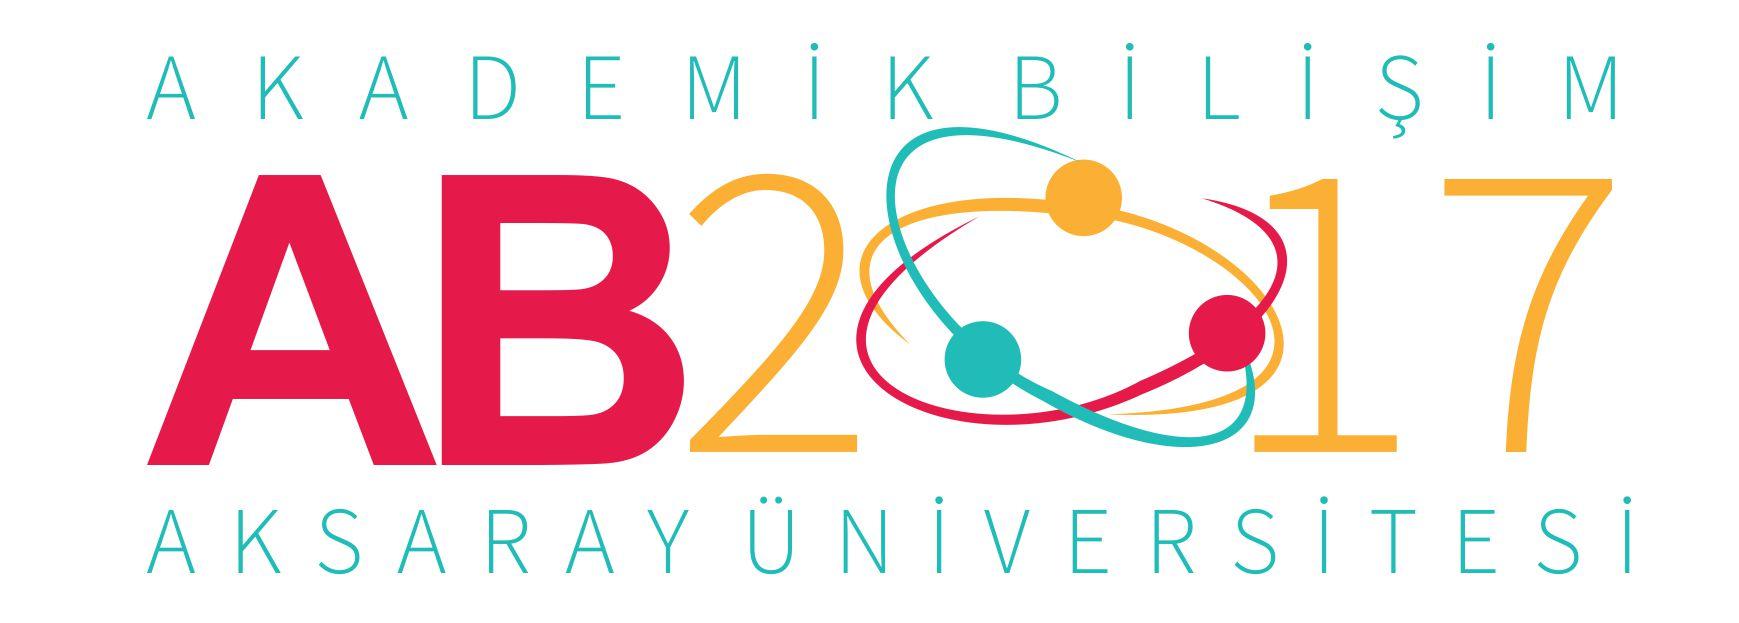 Akademik Bilişim 2017